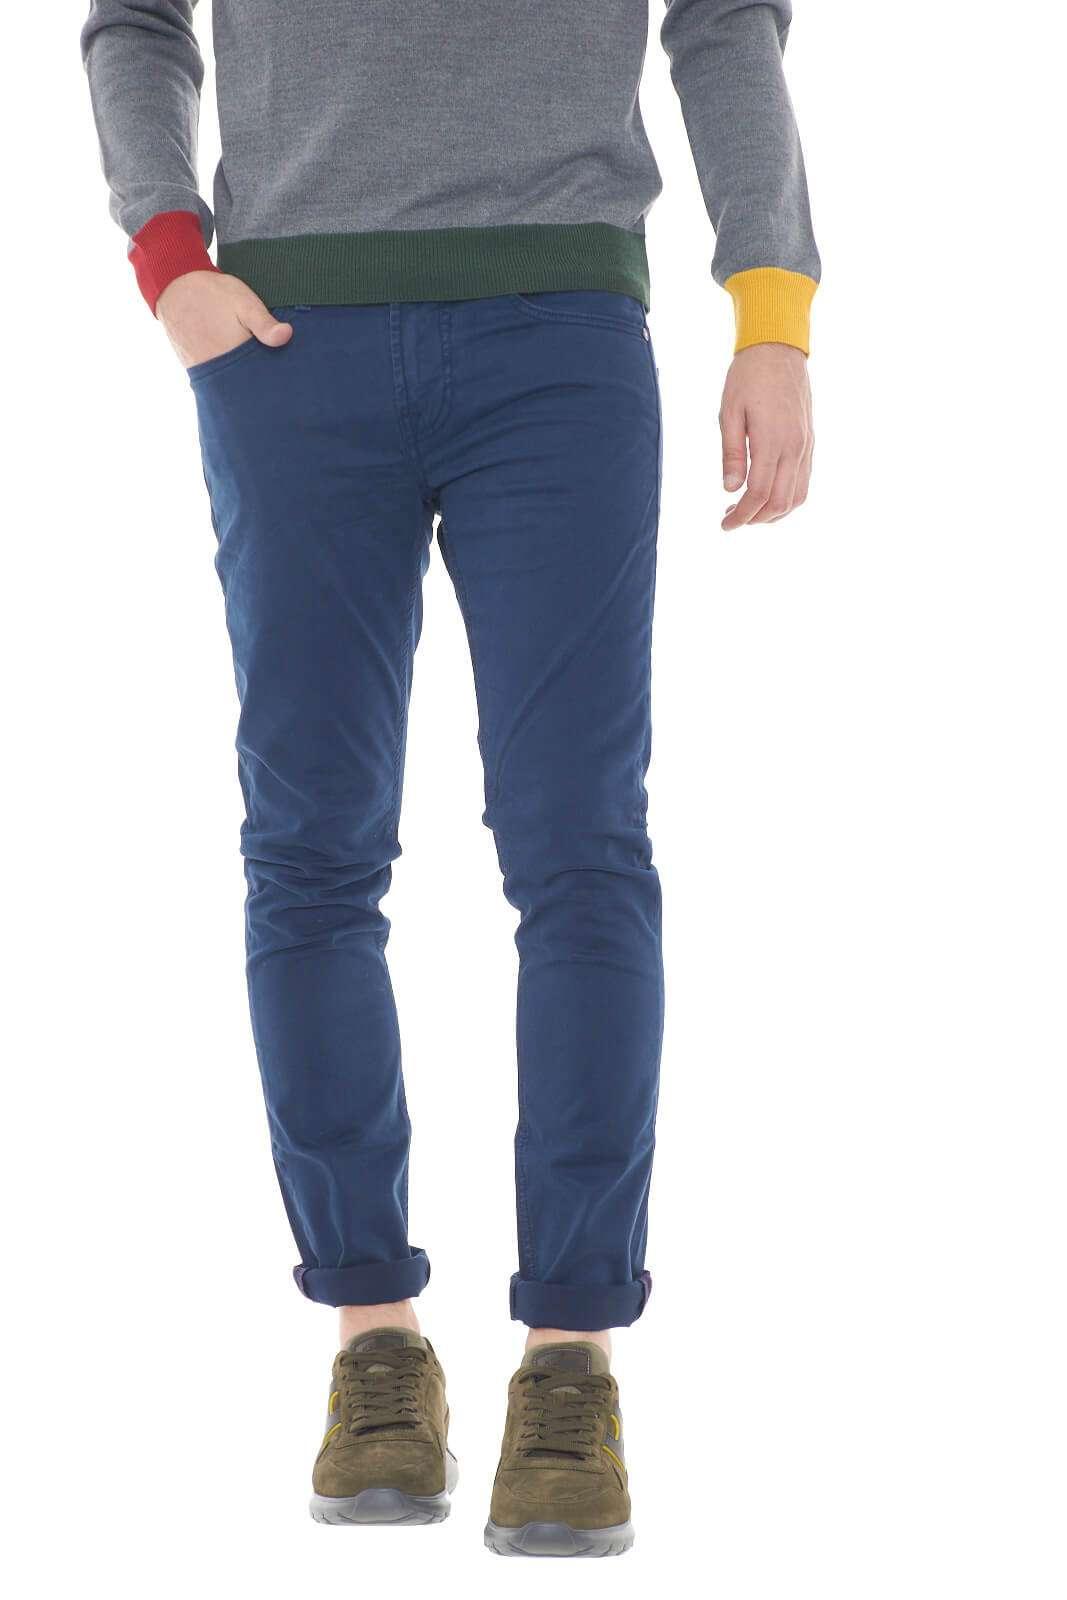 Una pantalone dal look universale quello di Guess Los Angeles. La tinta unita, e il taglio classico, lo rendono facilmente abbinabile sia a t shirt e maglie, che a camicie eleganti, per outfit versatili e mai scontati. Il modello è alto 1,80m e indossa la taglia 32.